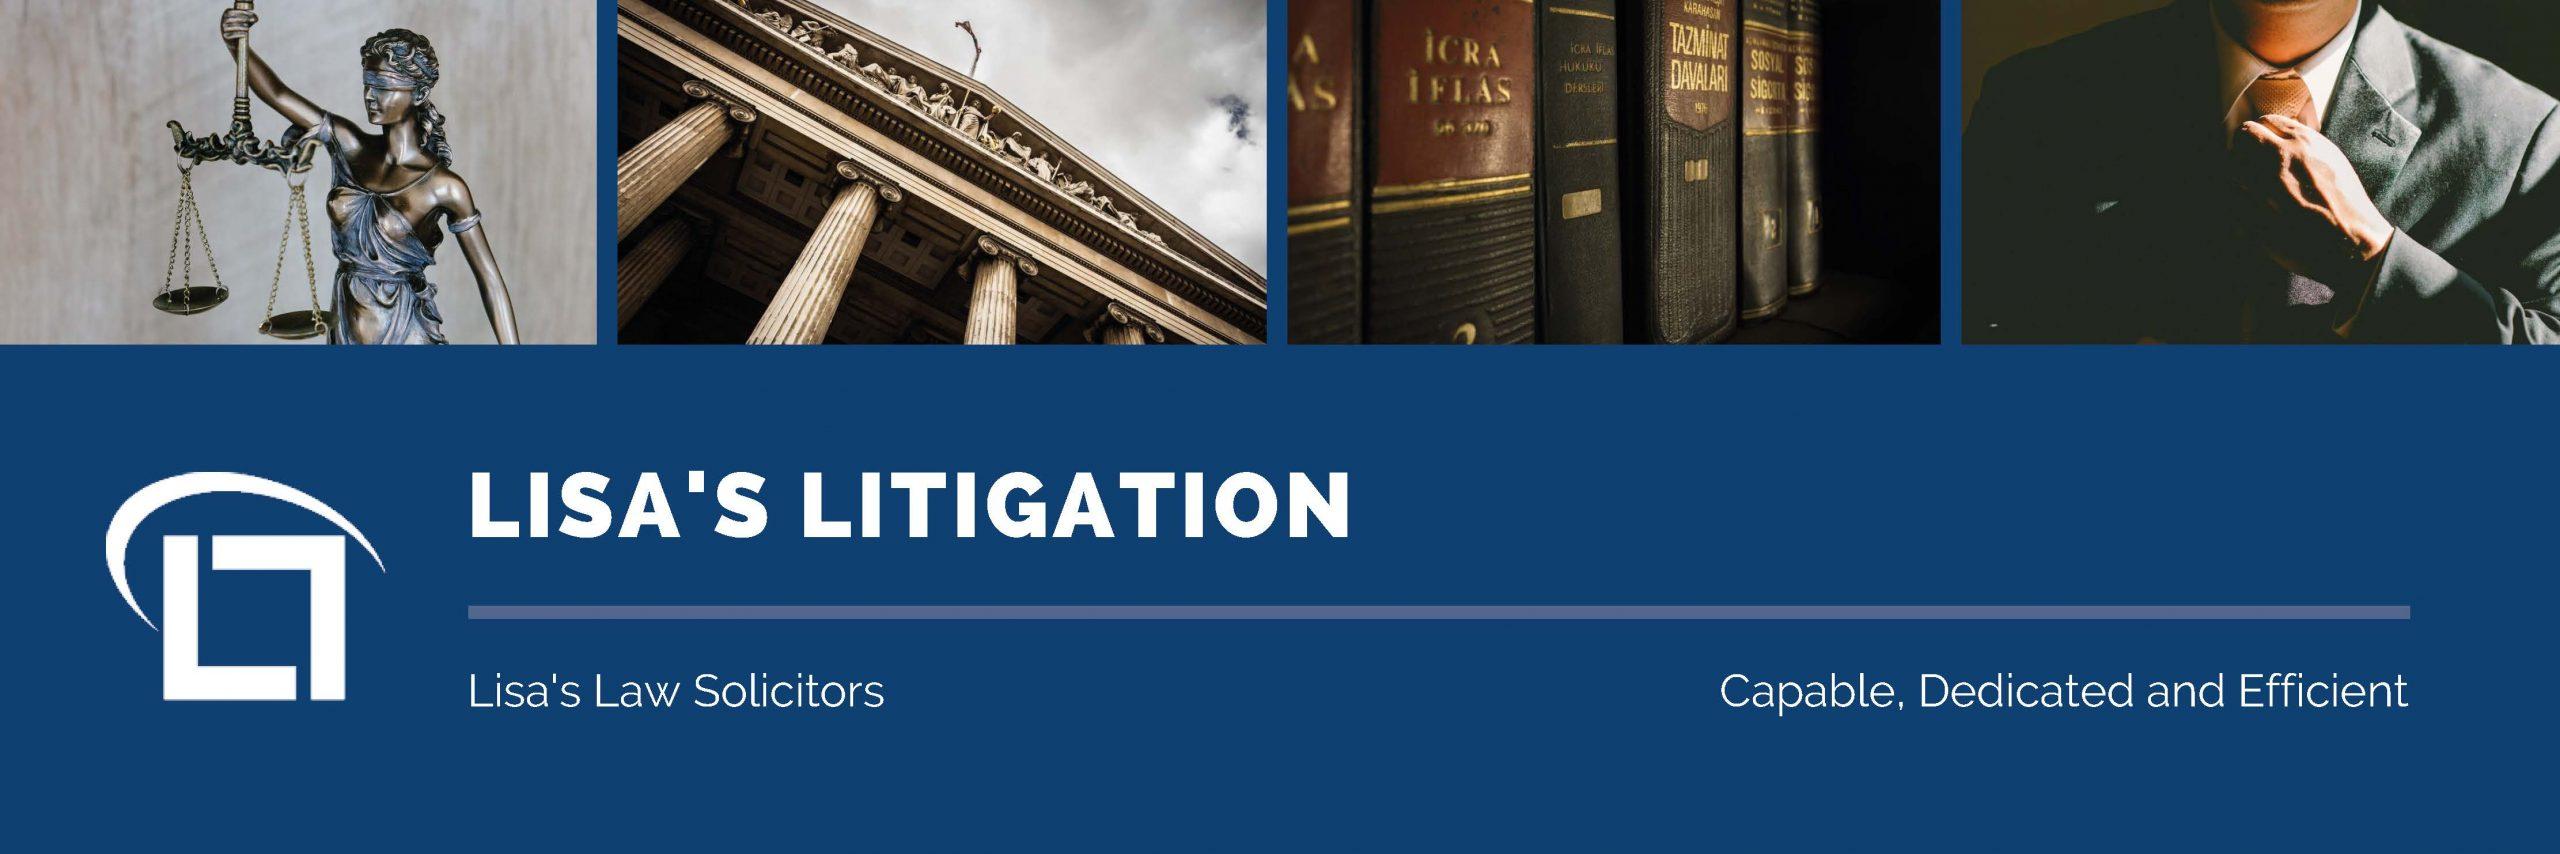 https://lisaslaw.co.uk/wp-content/uploads/2020/08/Lisas-Litigation-1-scaled.jpg